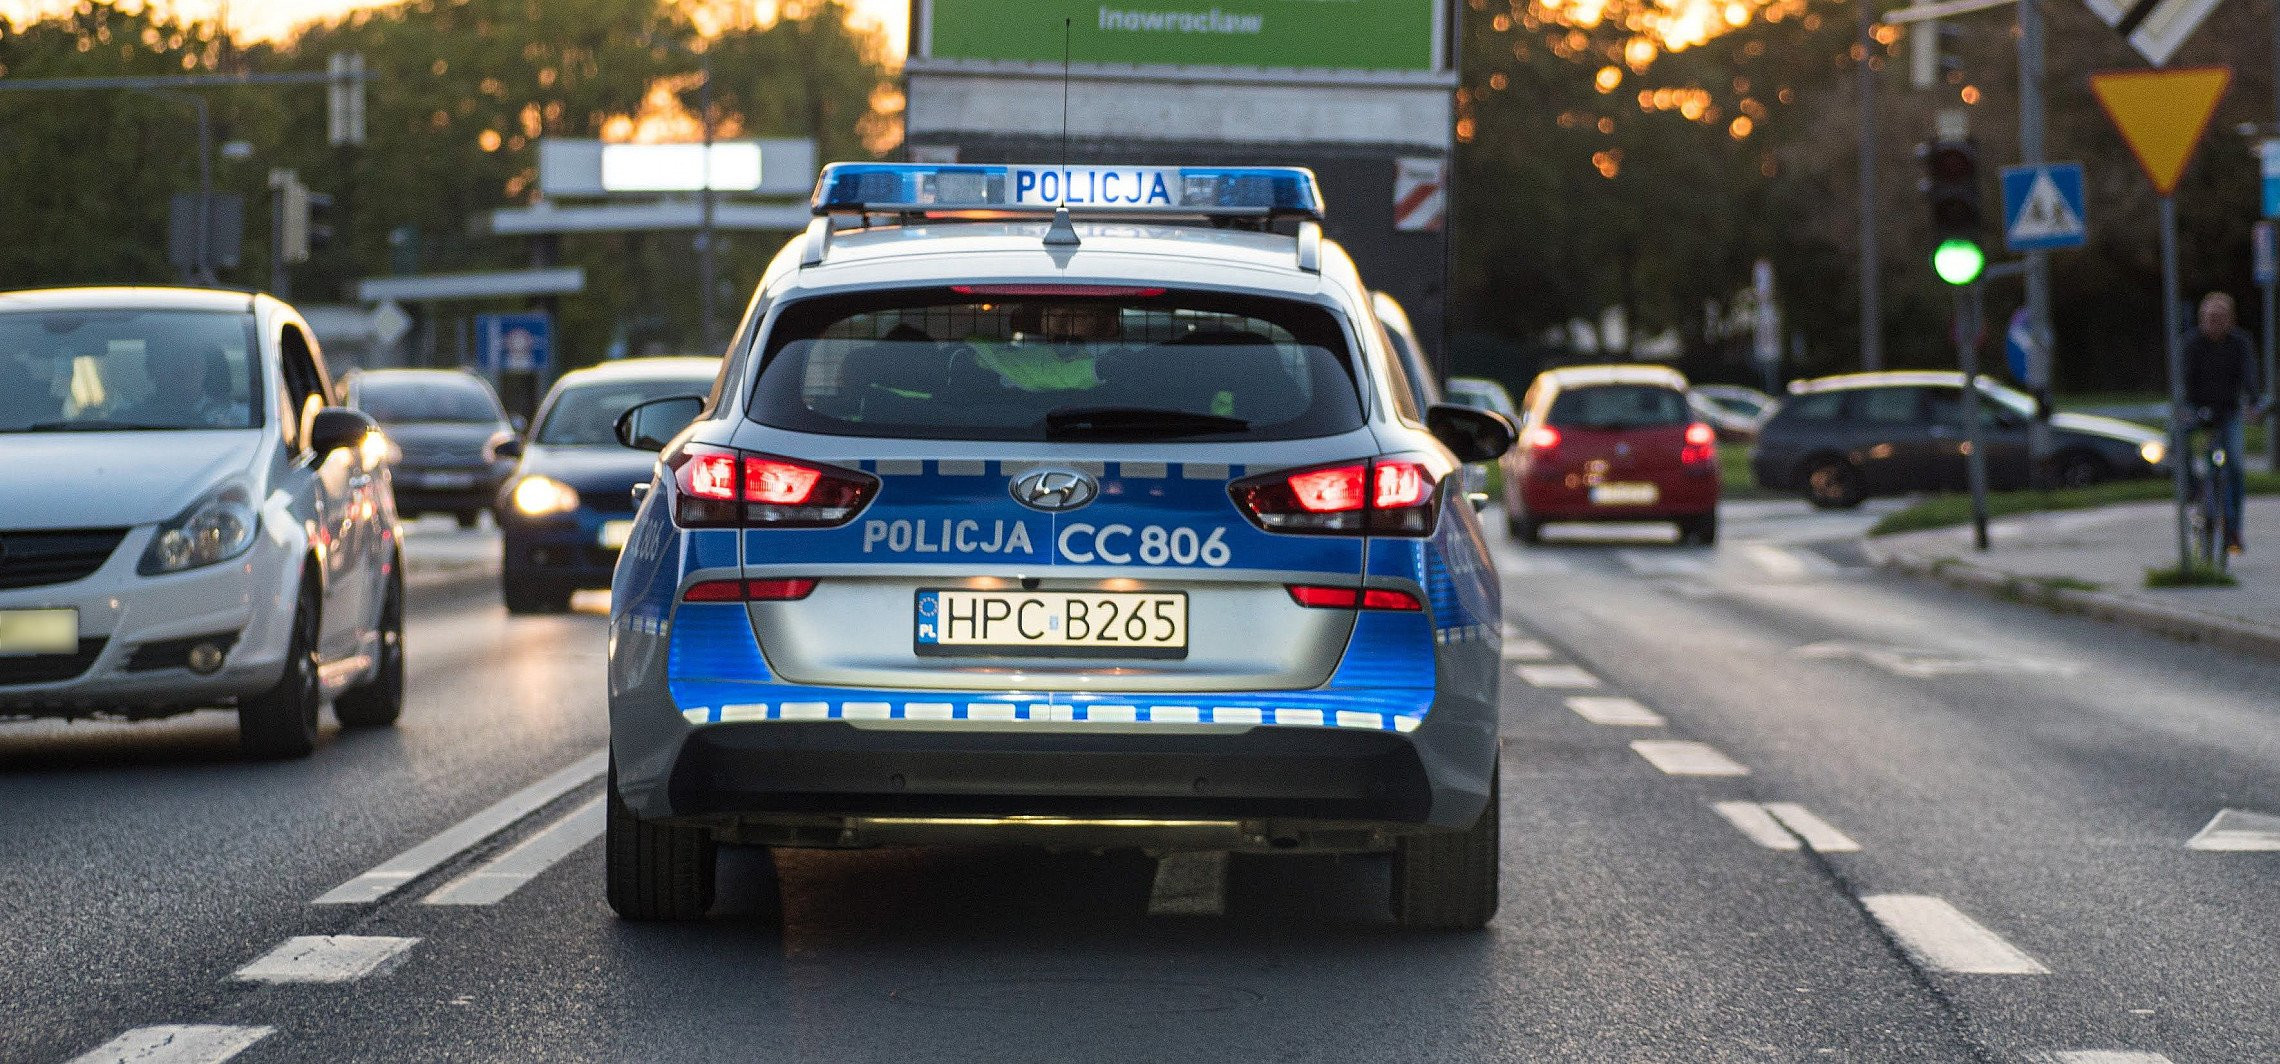 Inowrocław - Wtorek na drogach: alkohol i nadmierna prędkość